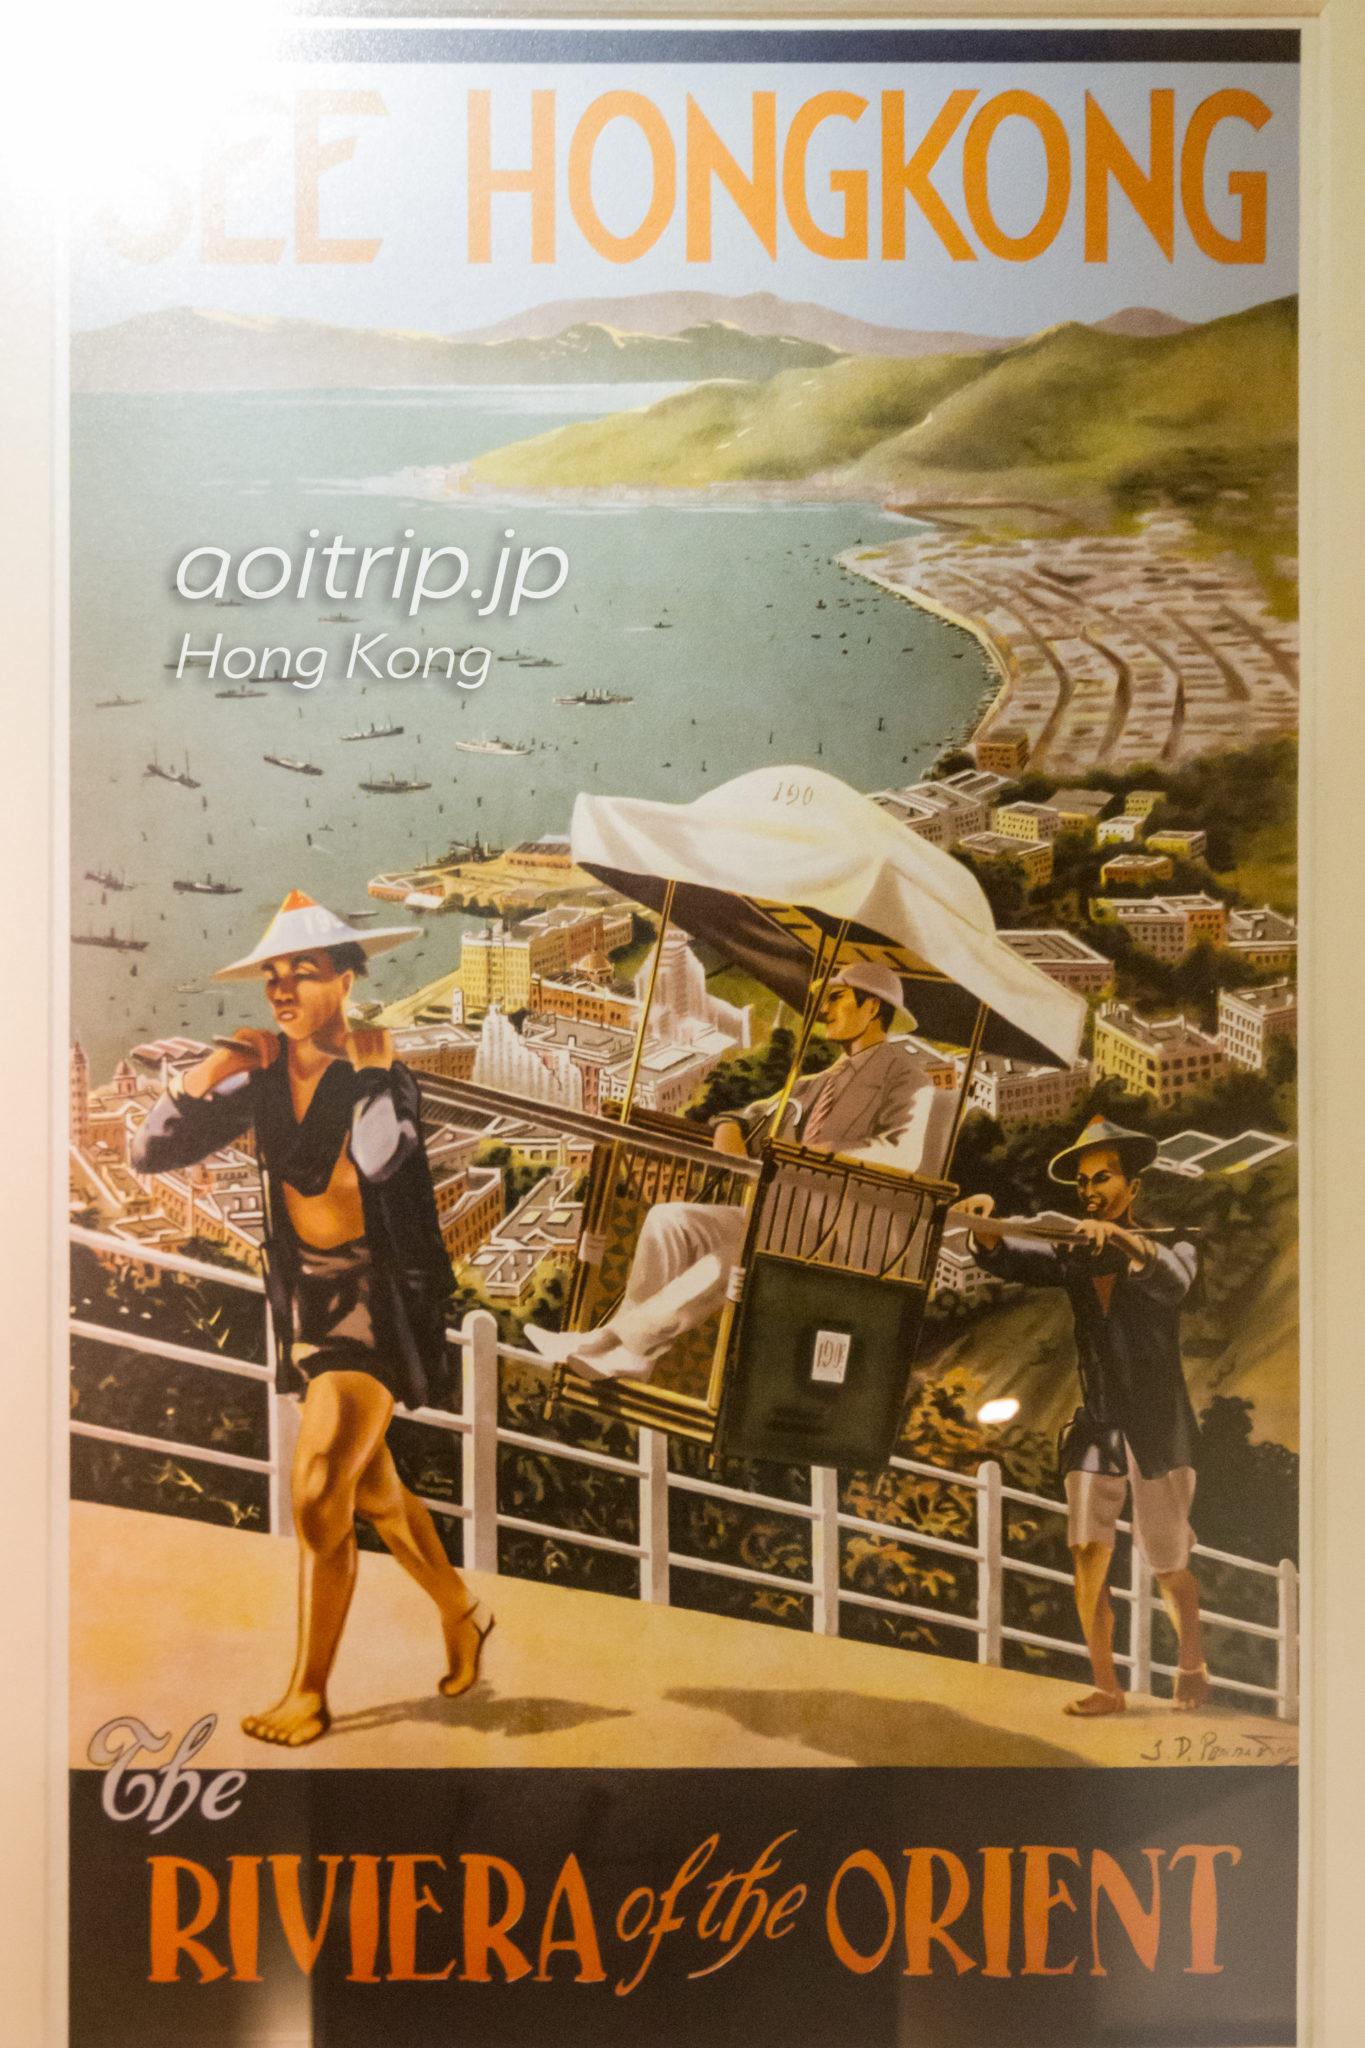 香港ピークトラムのポスター